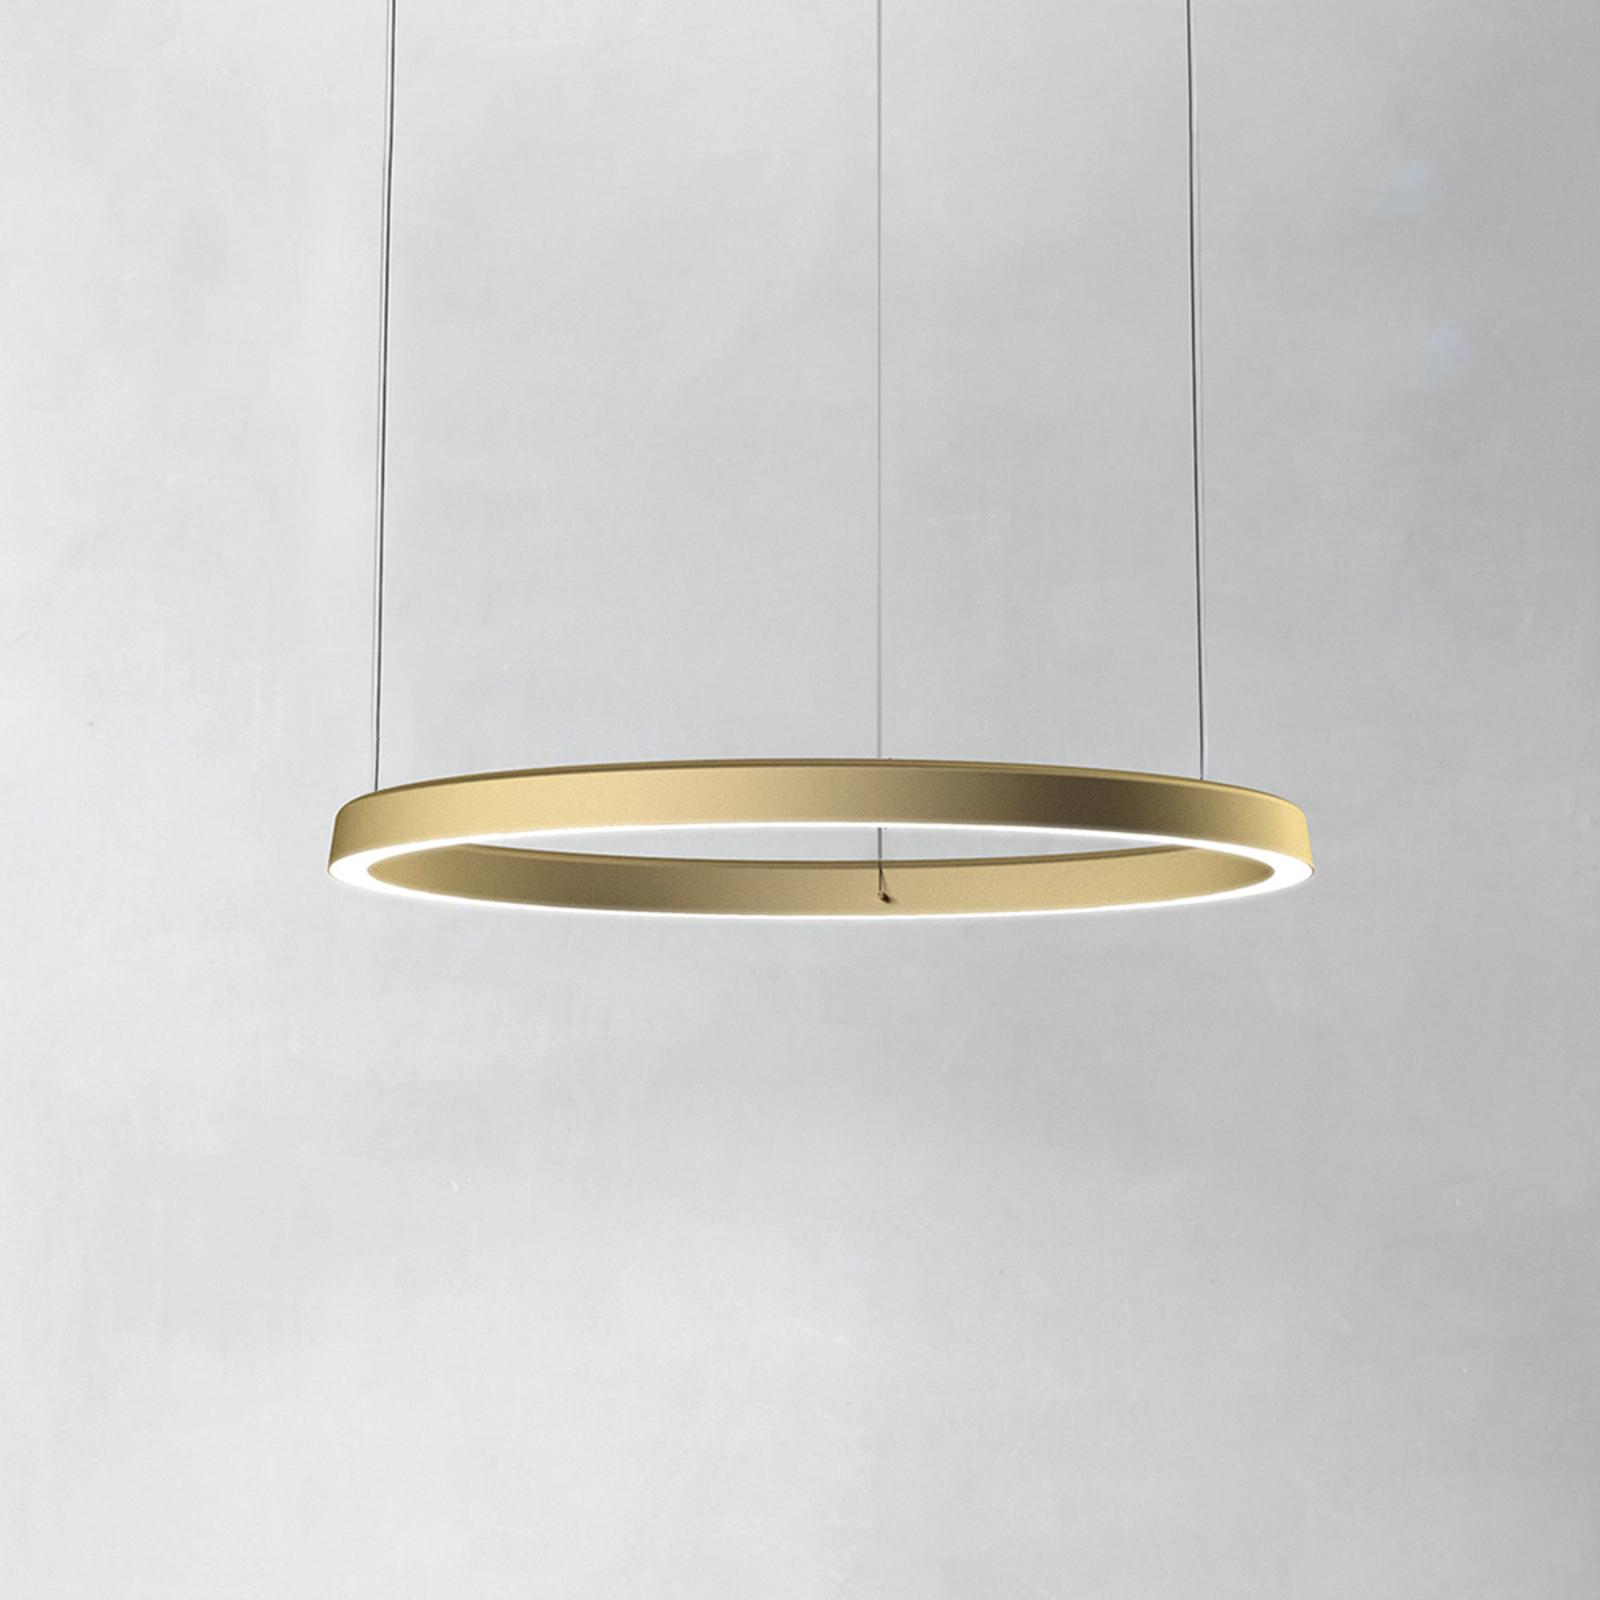 Luceplan Compendium Circle 72 cm, messinki